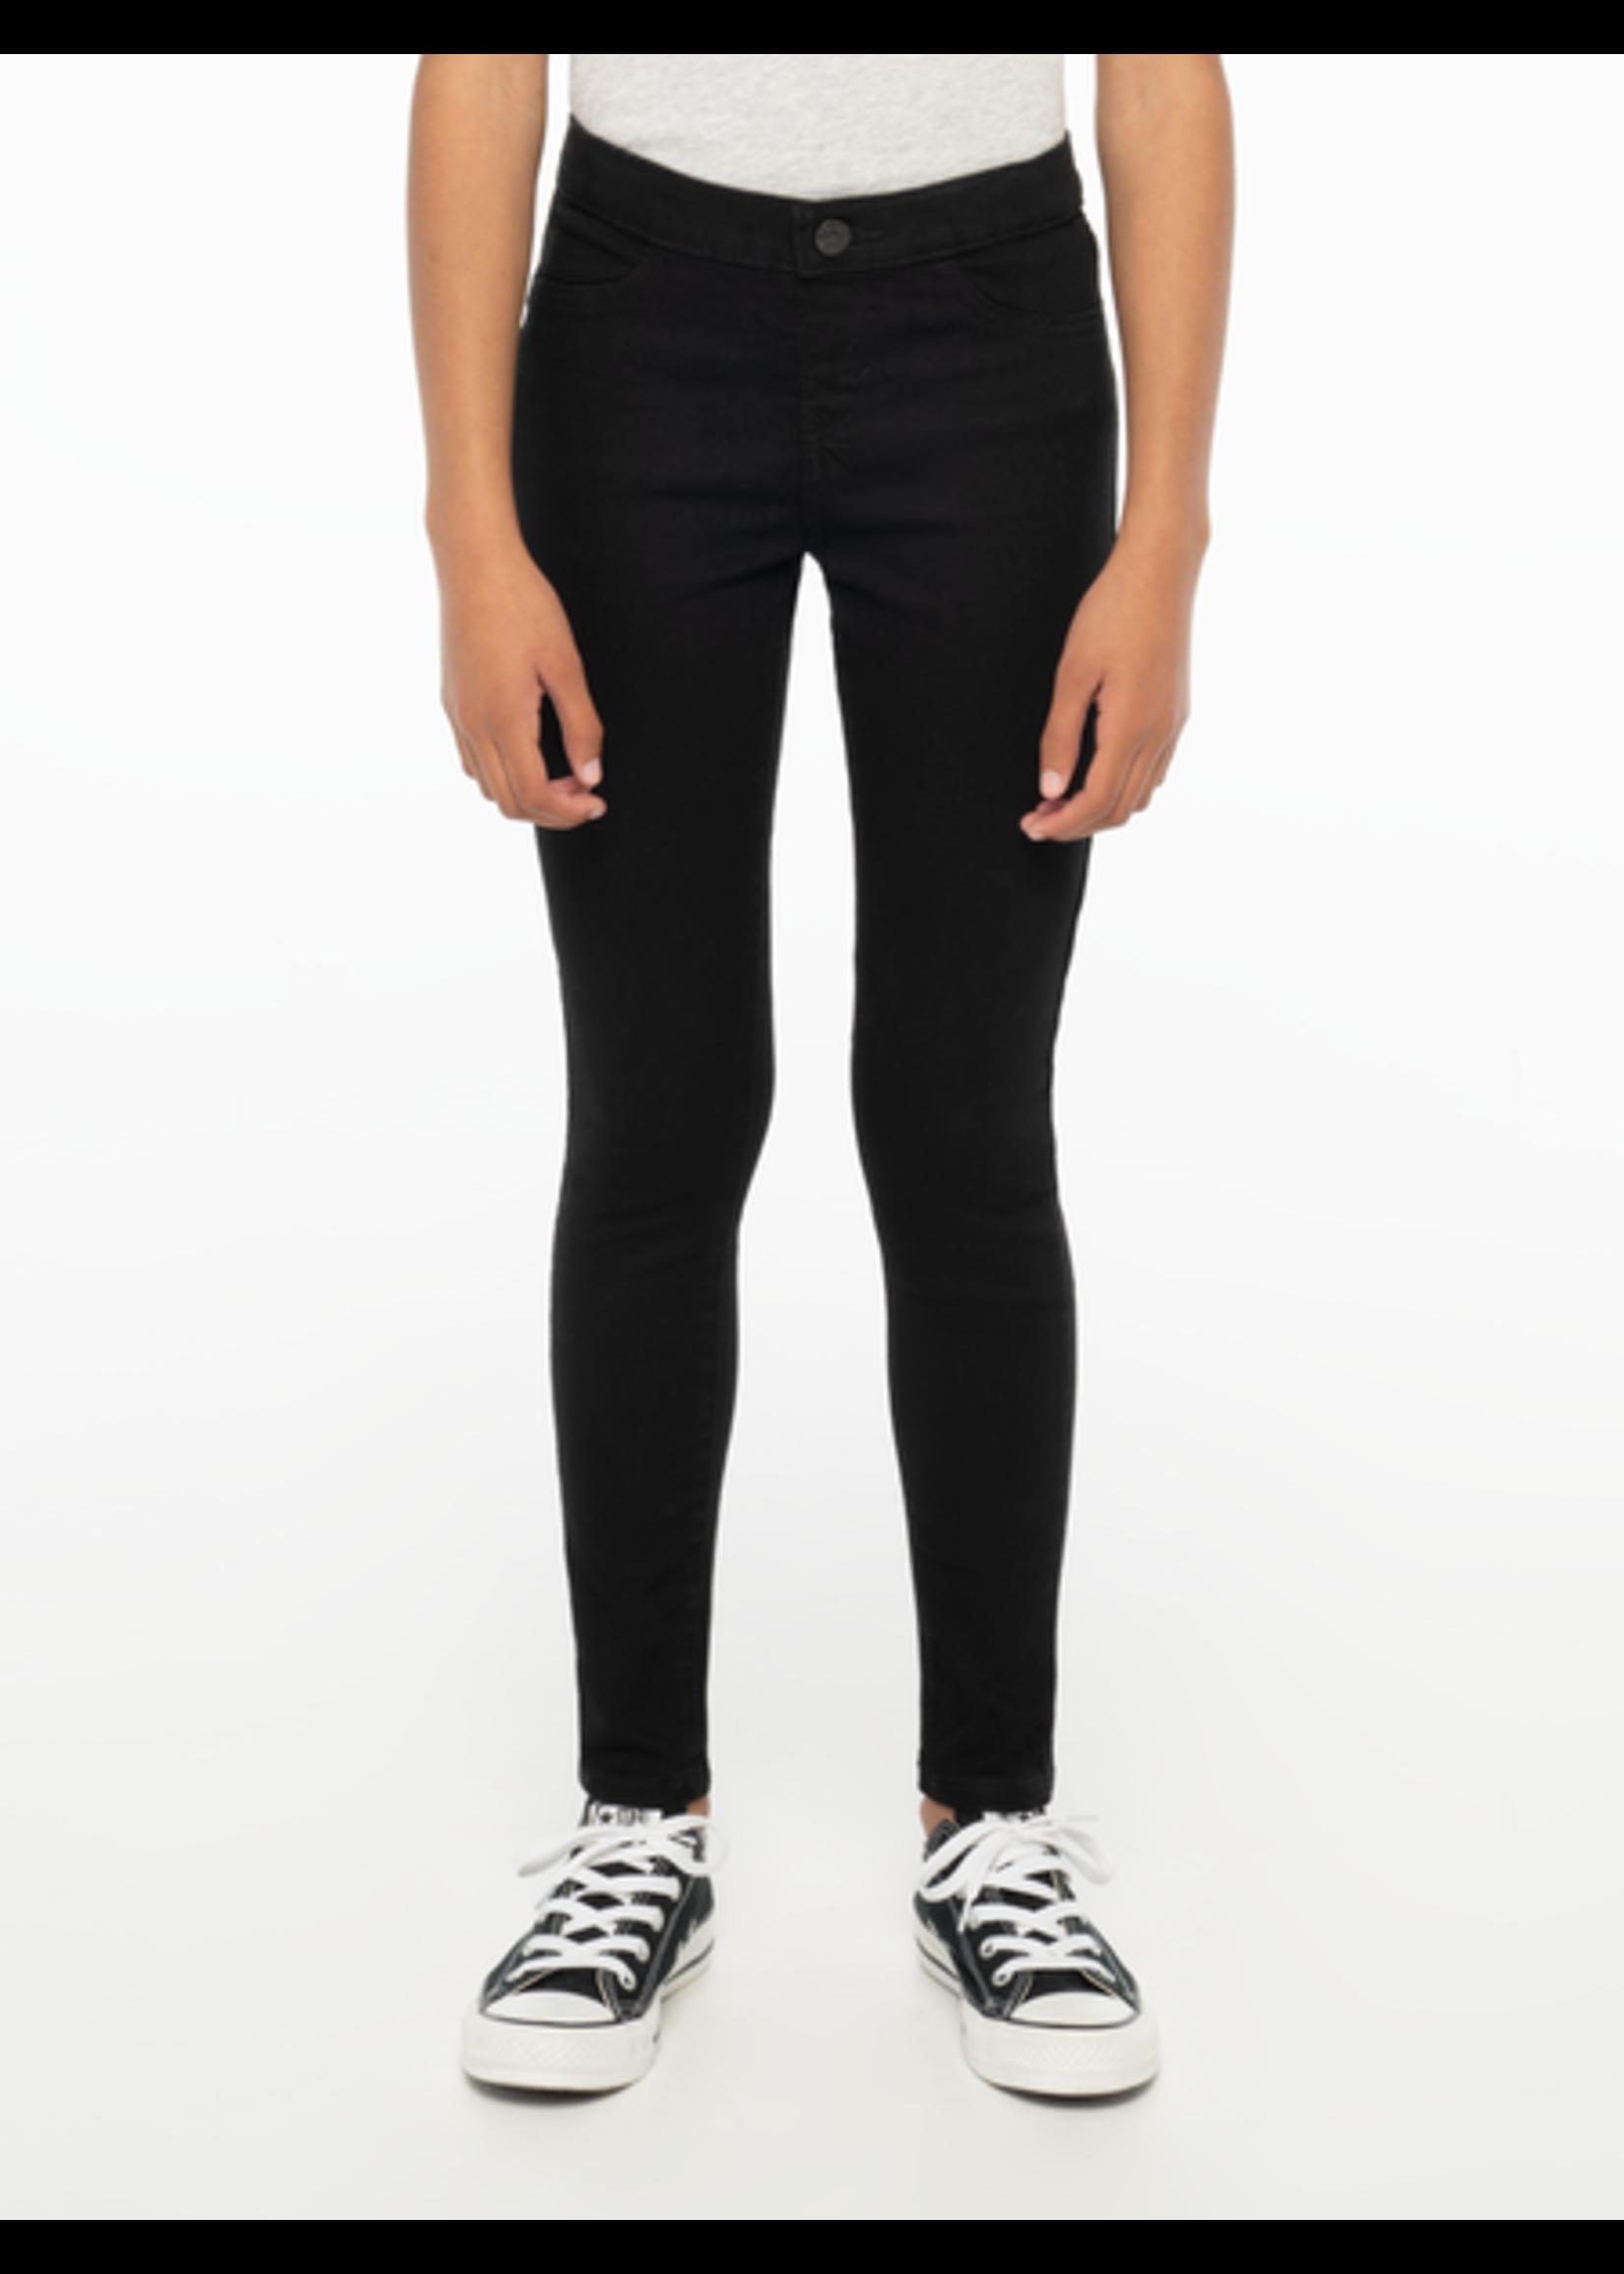 Levi's Levis pull on spijker legging zwart